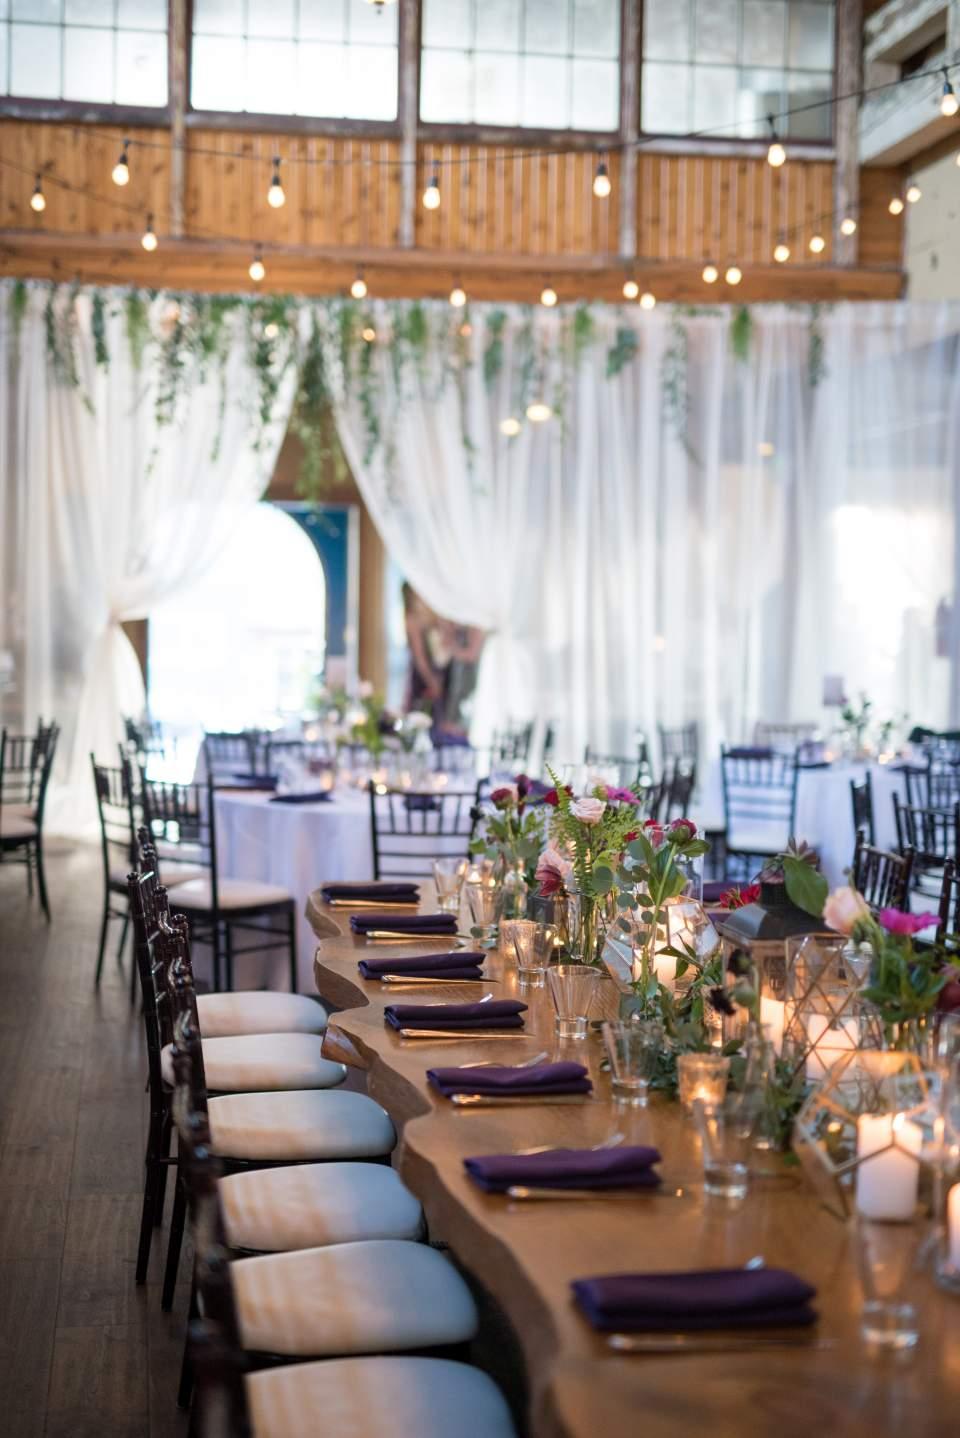 botanical wedding decorations at sodo park